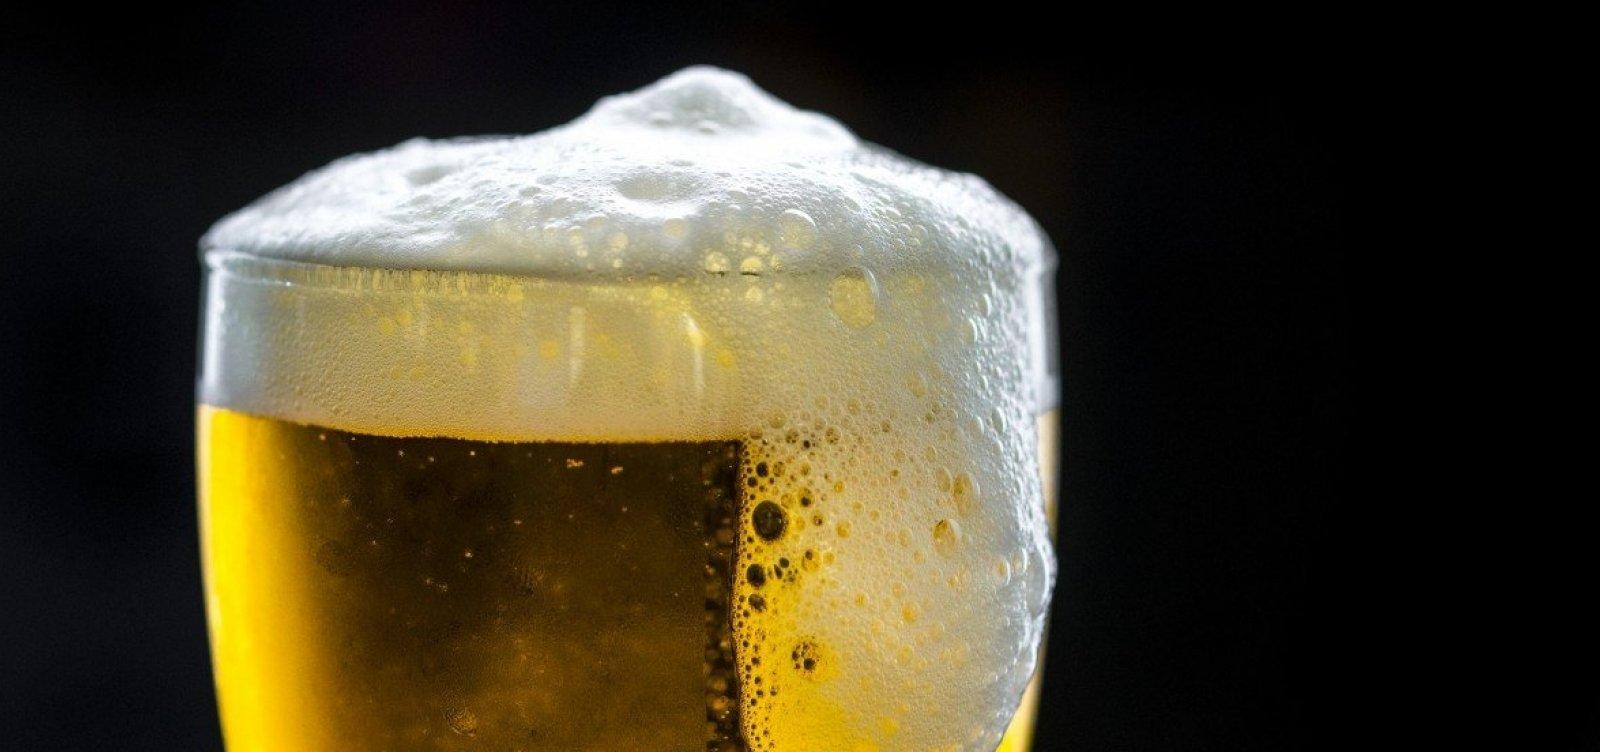 Maior indústria de bebidas do Brasil aumenta o preço das cervejas